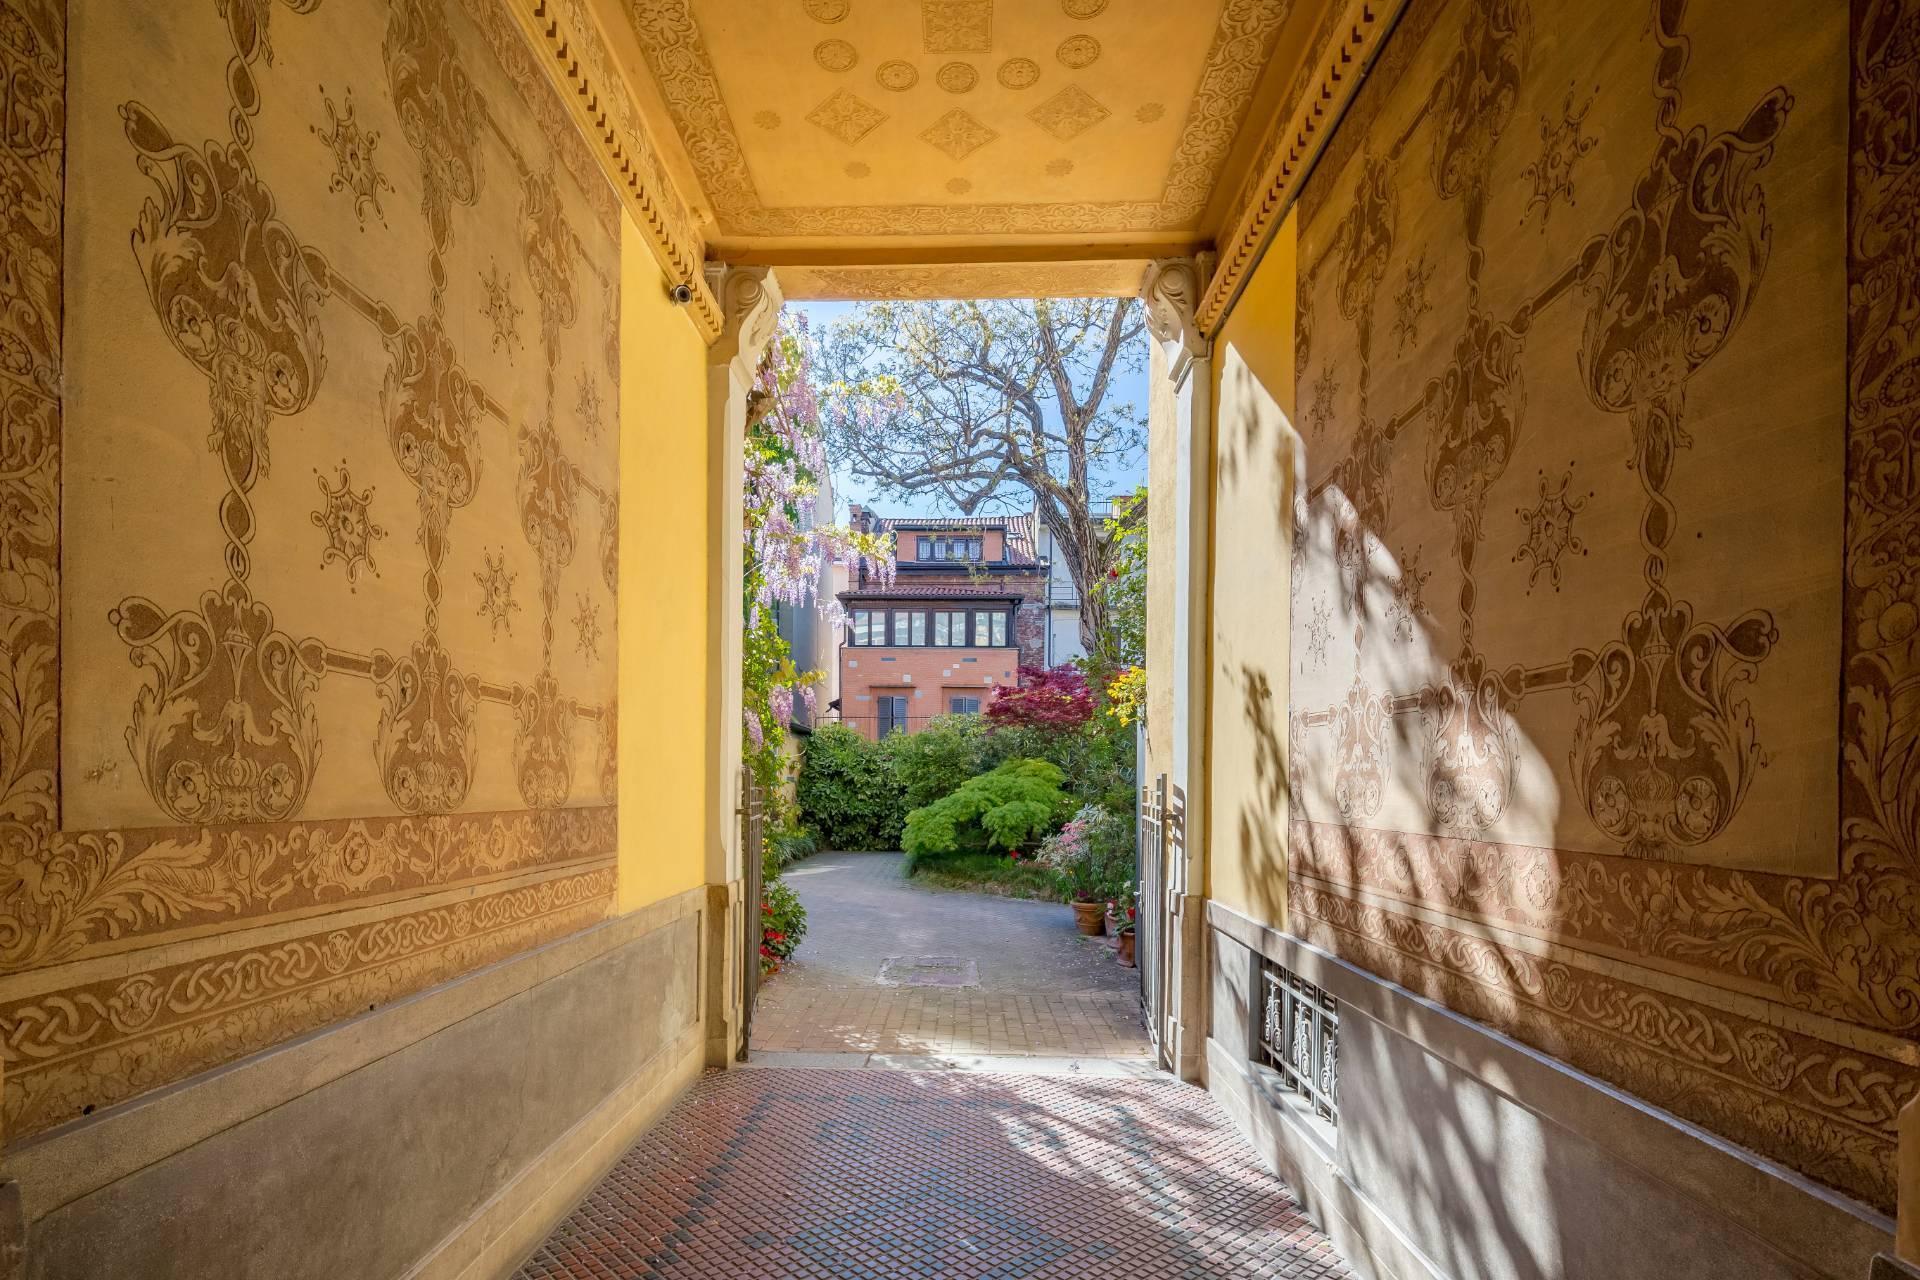 Elegant residence overlooking a lush flower garden - 1